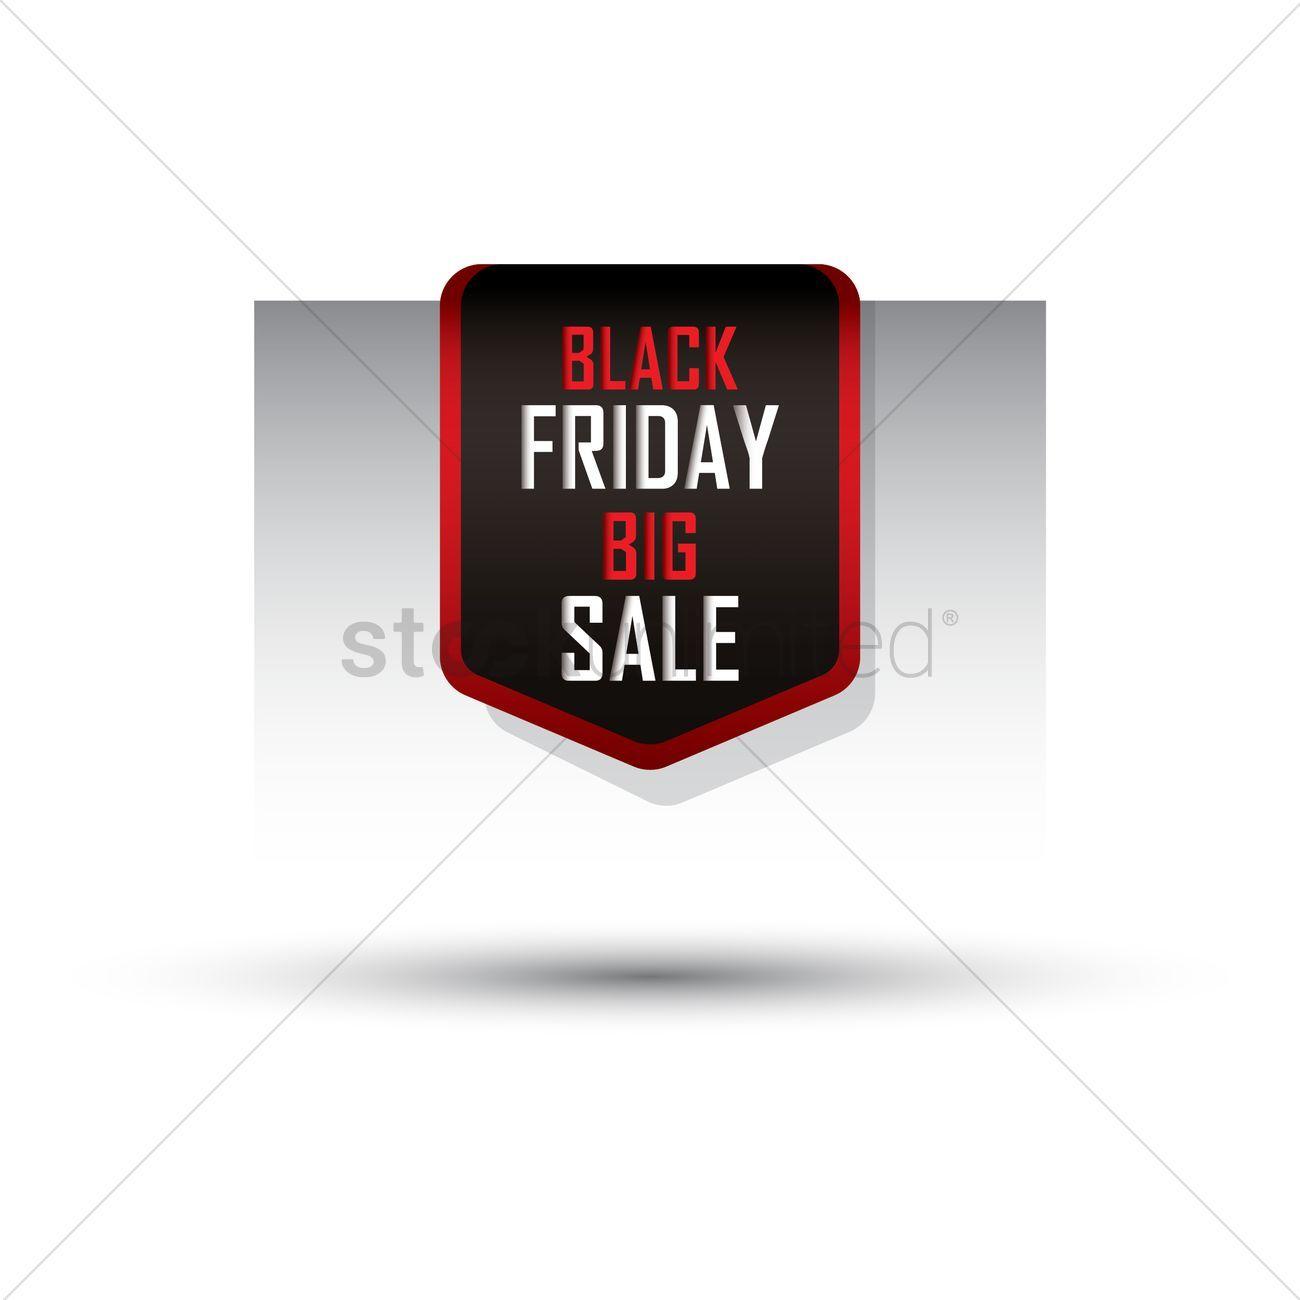 Black friday big sale bookmark vectors, stock clipart , #ad, #big, #sale, #Black, #friday, #stock #affiliate